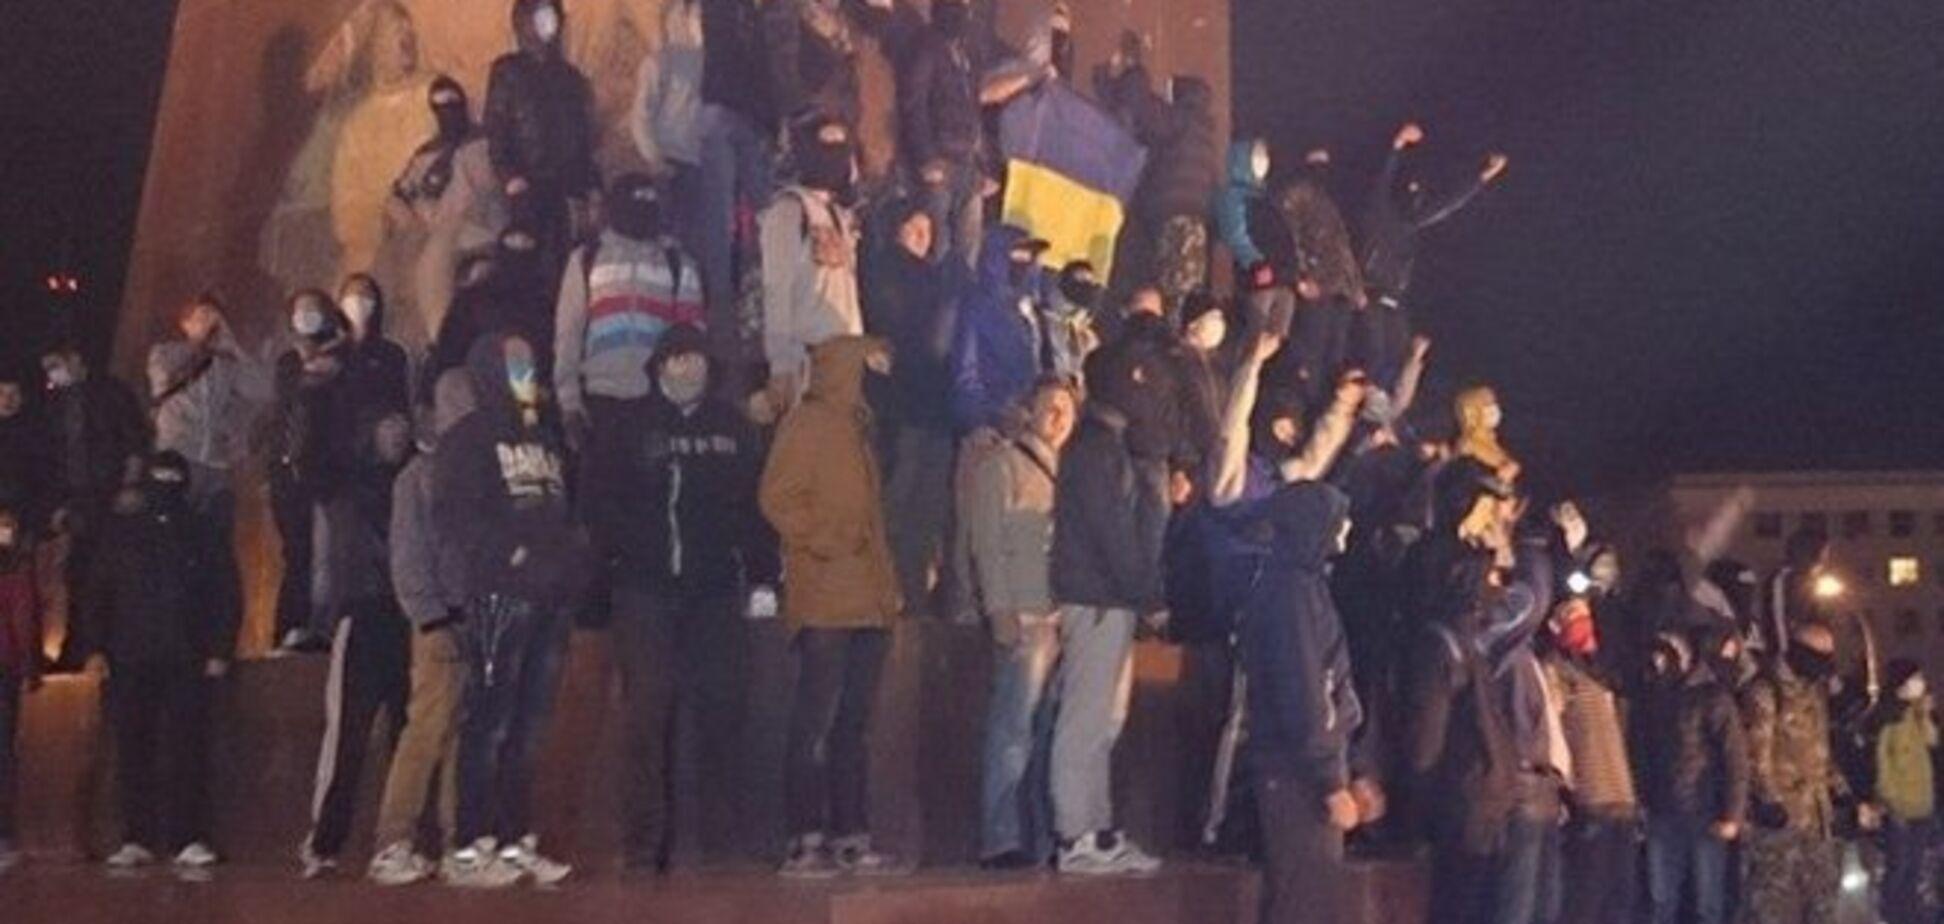 В стычке между харьковскими 'ультрас' и сторонниками Ленина есть раненые